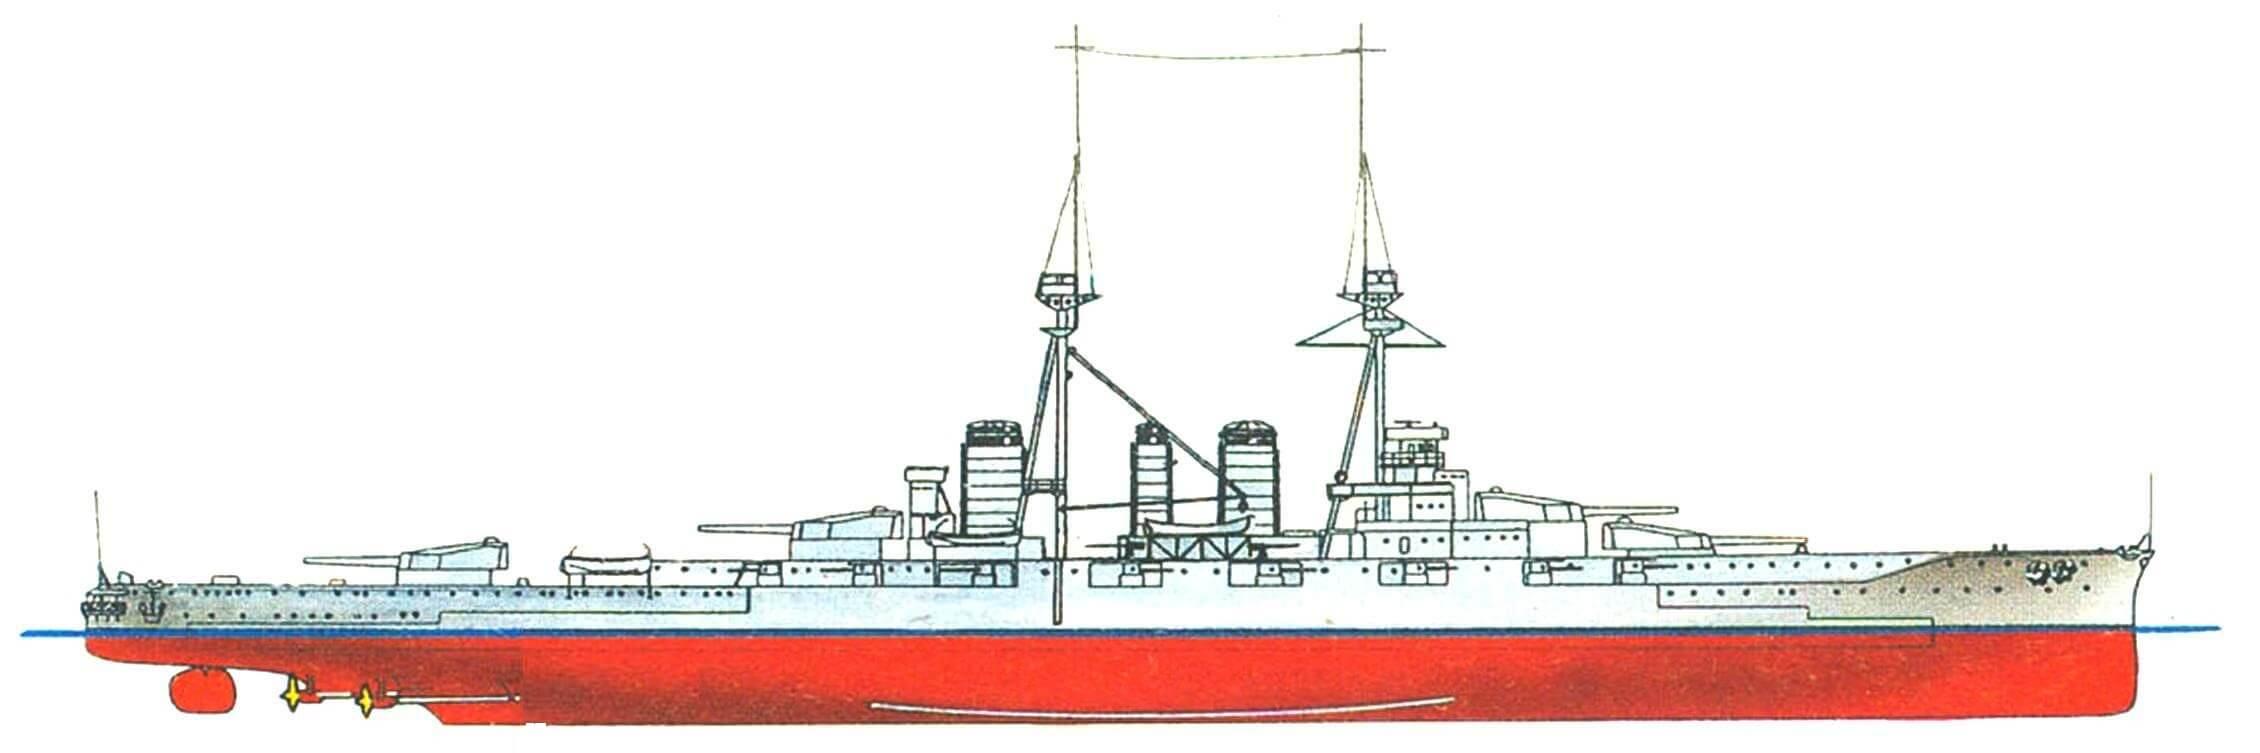 197. Линейный крейсер «КОНГО», Япония, 1913 г. Заложен в 1911 г., спущен на воду в 1912 г. Водоизмещение нормальное — 27 500 т, полное — 32 200 т. Длина наибольшая — 214,5 м, ширина — 28 м, осадка — 8,4 м. Мощность турбин 64 000 л.с., скорость 27,5.узла. Броня: главный пояс — 203 мм, в оконечностях — 102—76 мм, верхний пояс — 203 мм, каземат вспомогательной артиллерии — 152 мм, башни — 229 мм, барбеты — 254 мм, броневая палуба —57— 43 мм, рубка — 254 мм. Вооружение: восемь 356-мм, шестнадцать 152-мм и восемь 80-мм орудий. Всего построено четыре корабля: «Конго», «Хиэй» (1914 г.), «Харуна» и «Кирисима» (оба в 1915 г.).